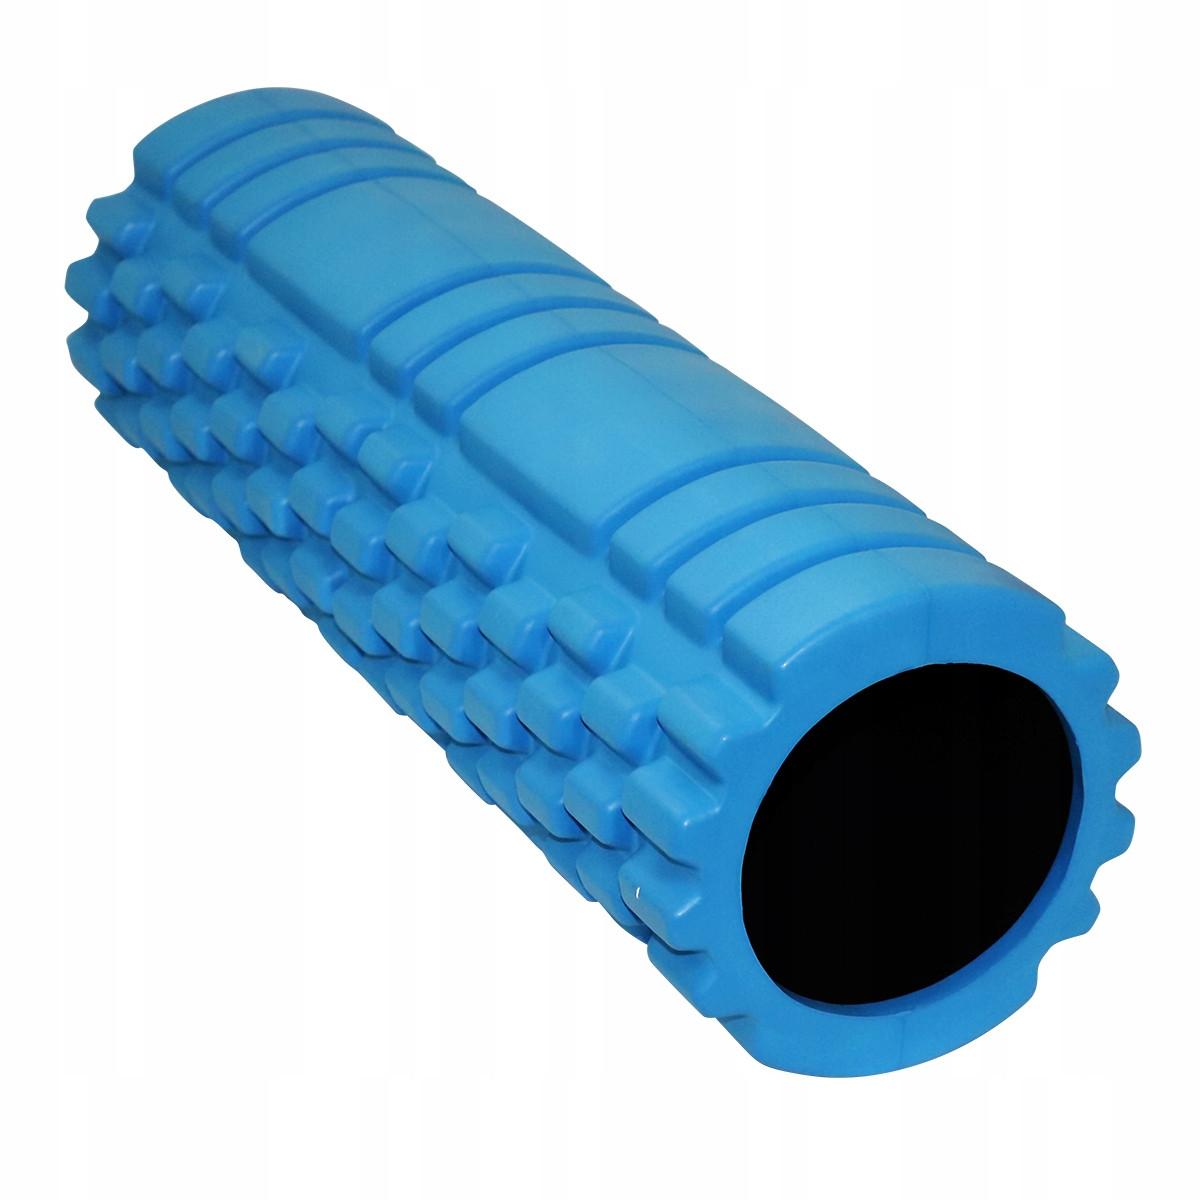 Массажный ролик (валик, роллер) SportVida EVA 45 x 14 см SV-HK0213 Blue для дома и спортзала синего цвета